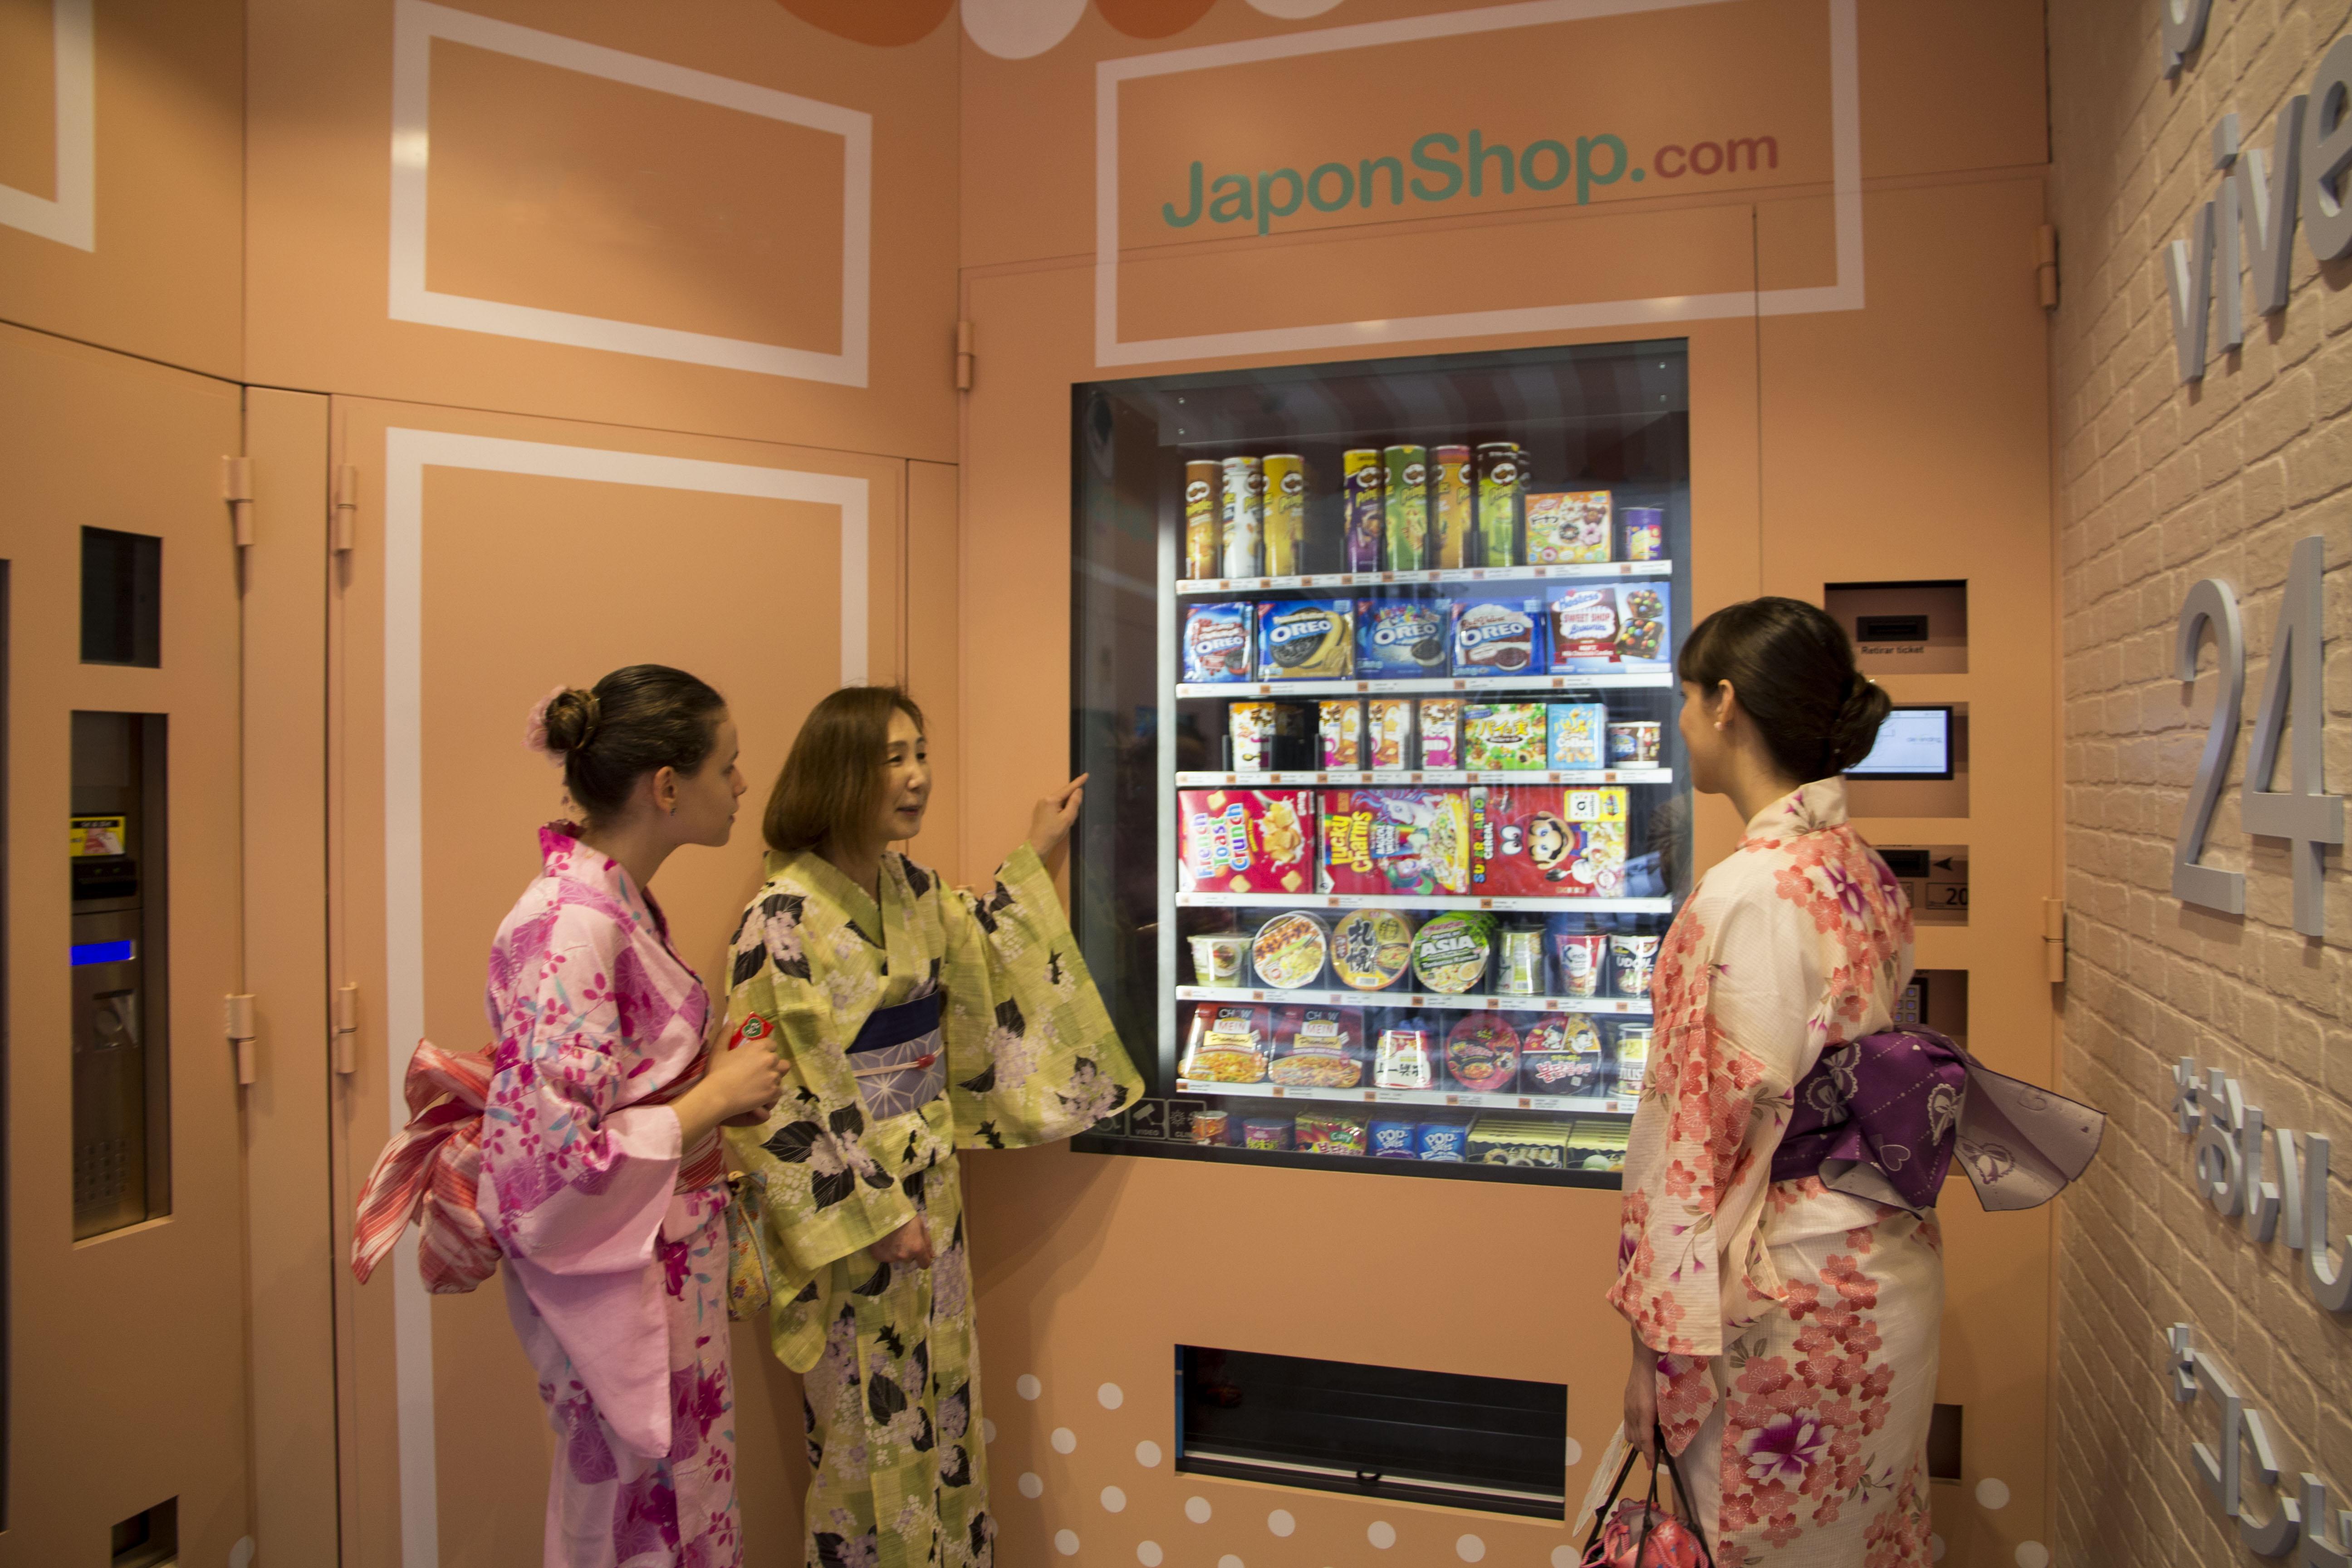 Nueva tienda automática vending de Japonshop